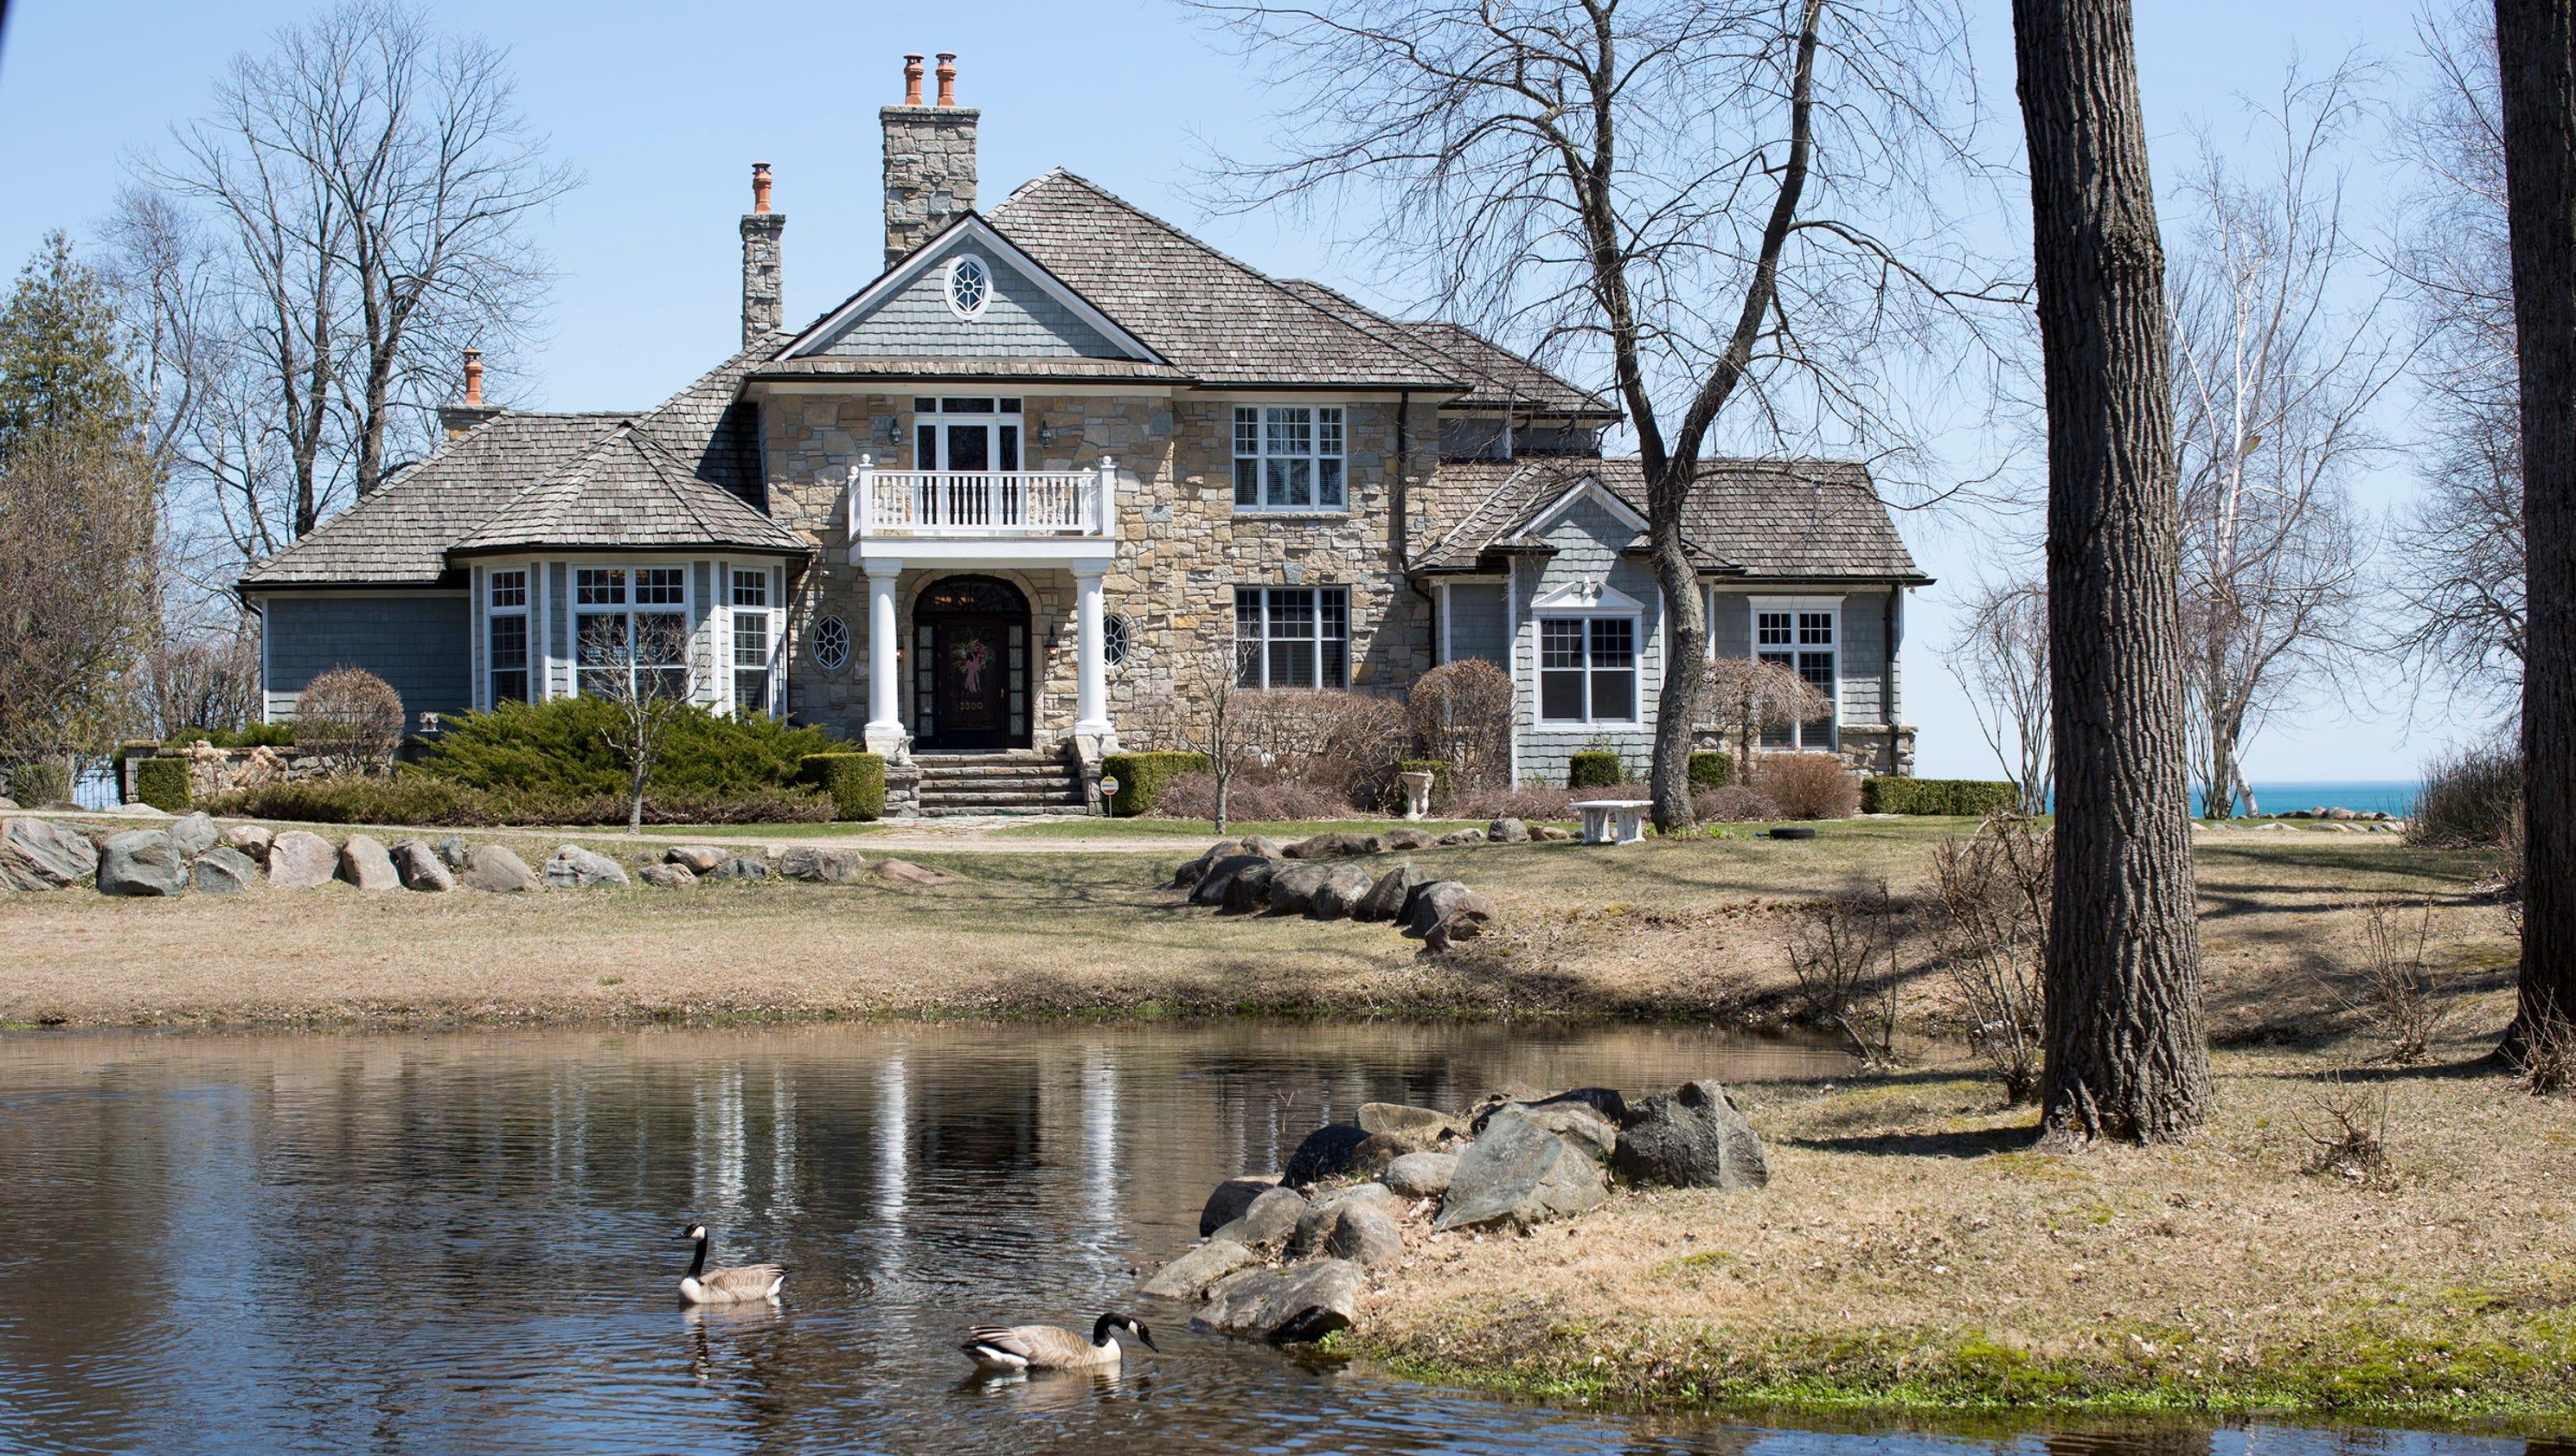 Lake Huron Home Built By Carhartt Granddaughter Rustic And Elegant